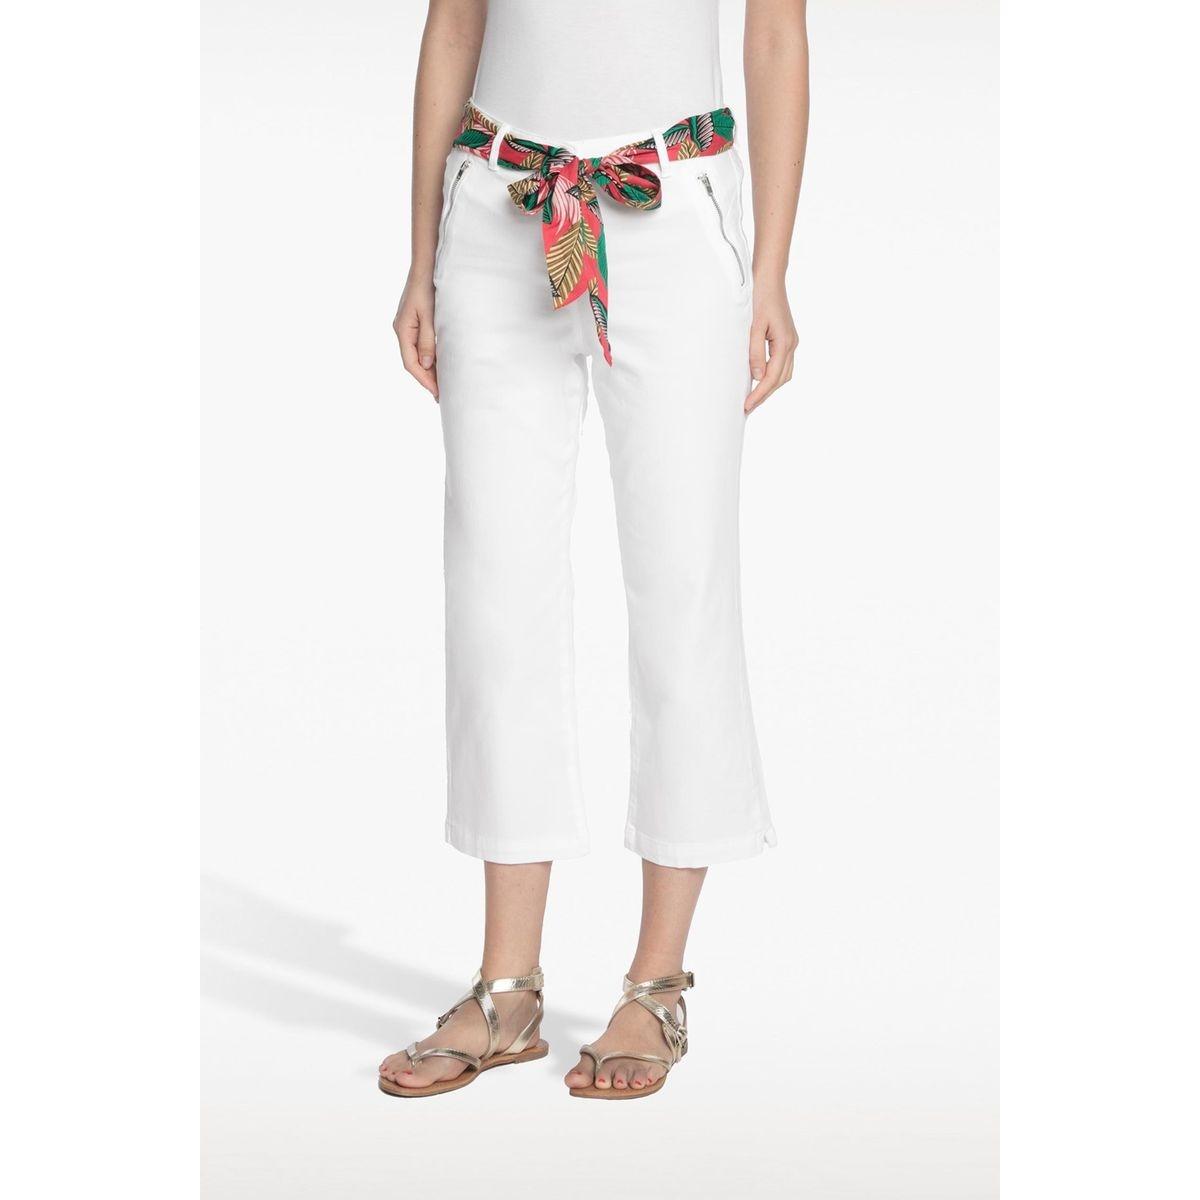 Pantalon avec ceinture foulard imprimée